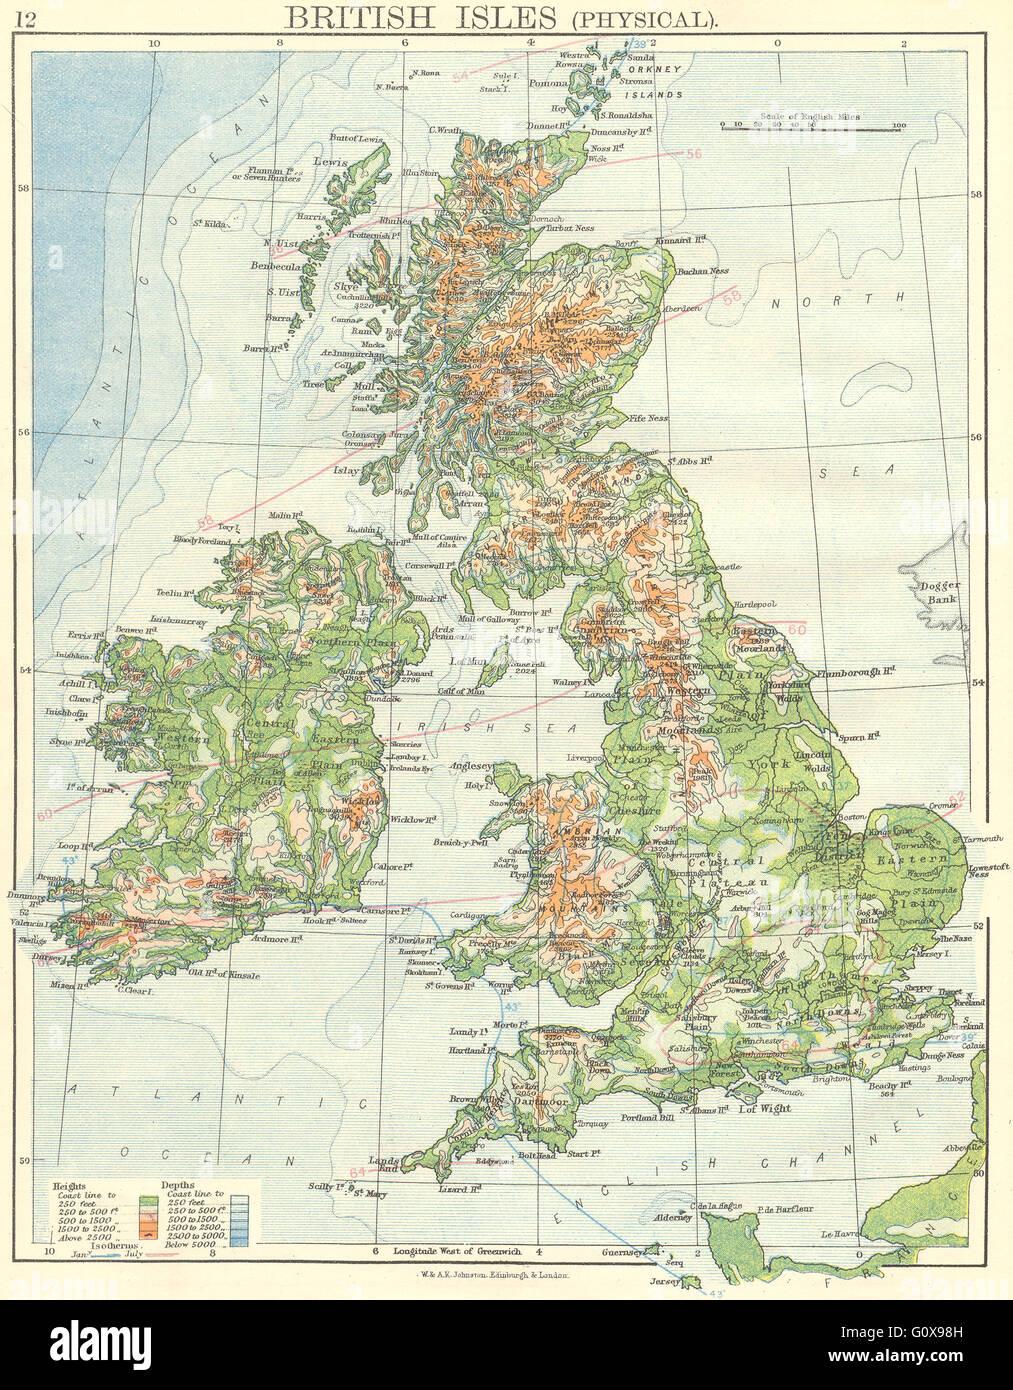 Cartina Geografica Politica Gran Bretagna.Regno Unito Isole Britanniche Fisica 1897 Mappa Antichi Foto Stock Alamy